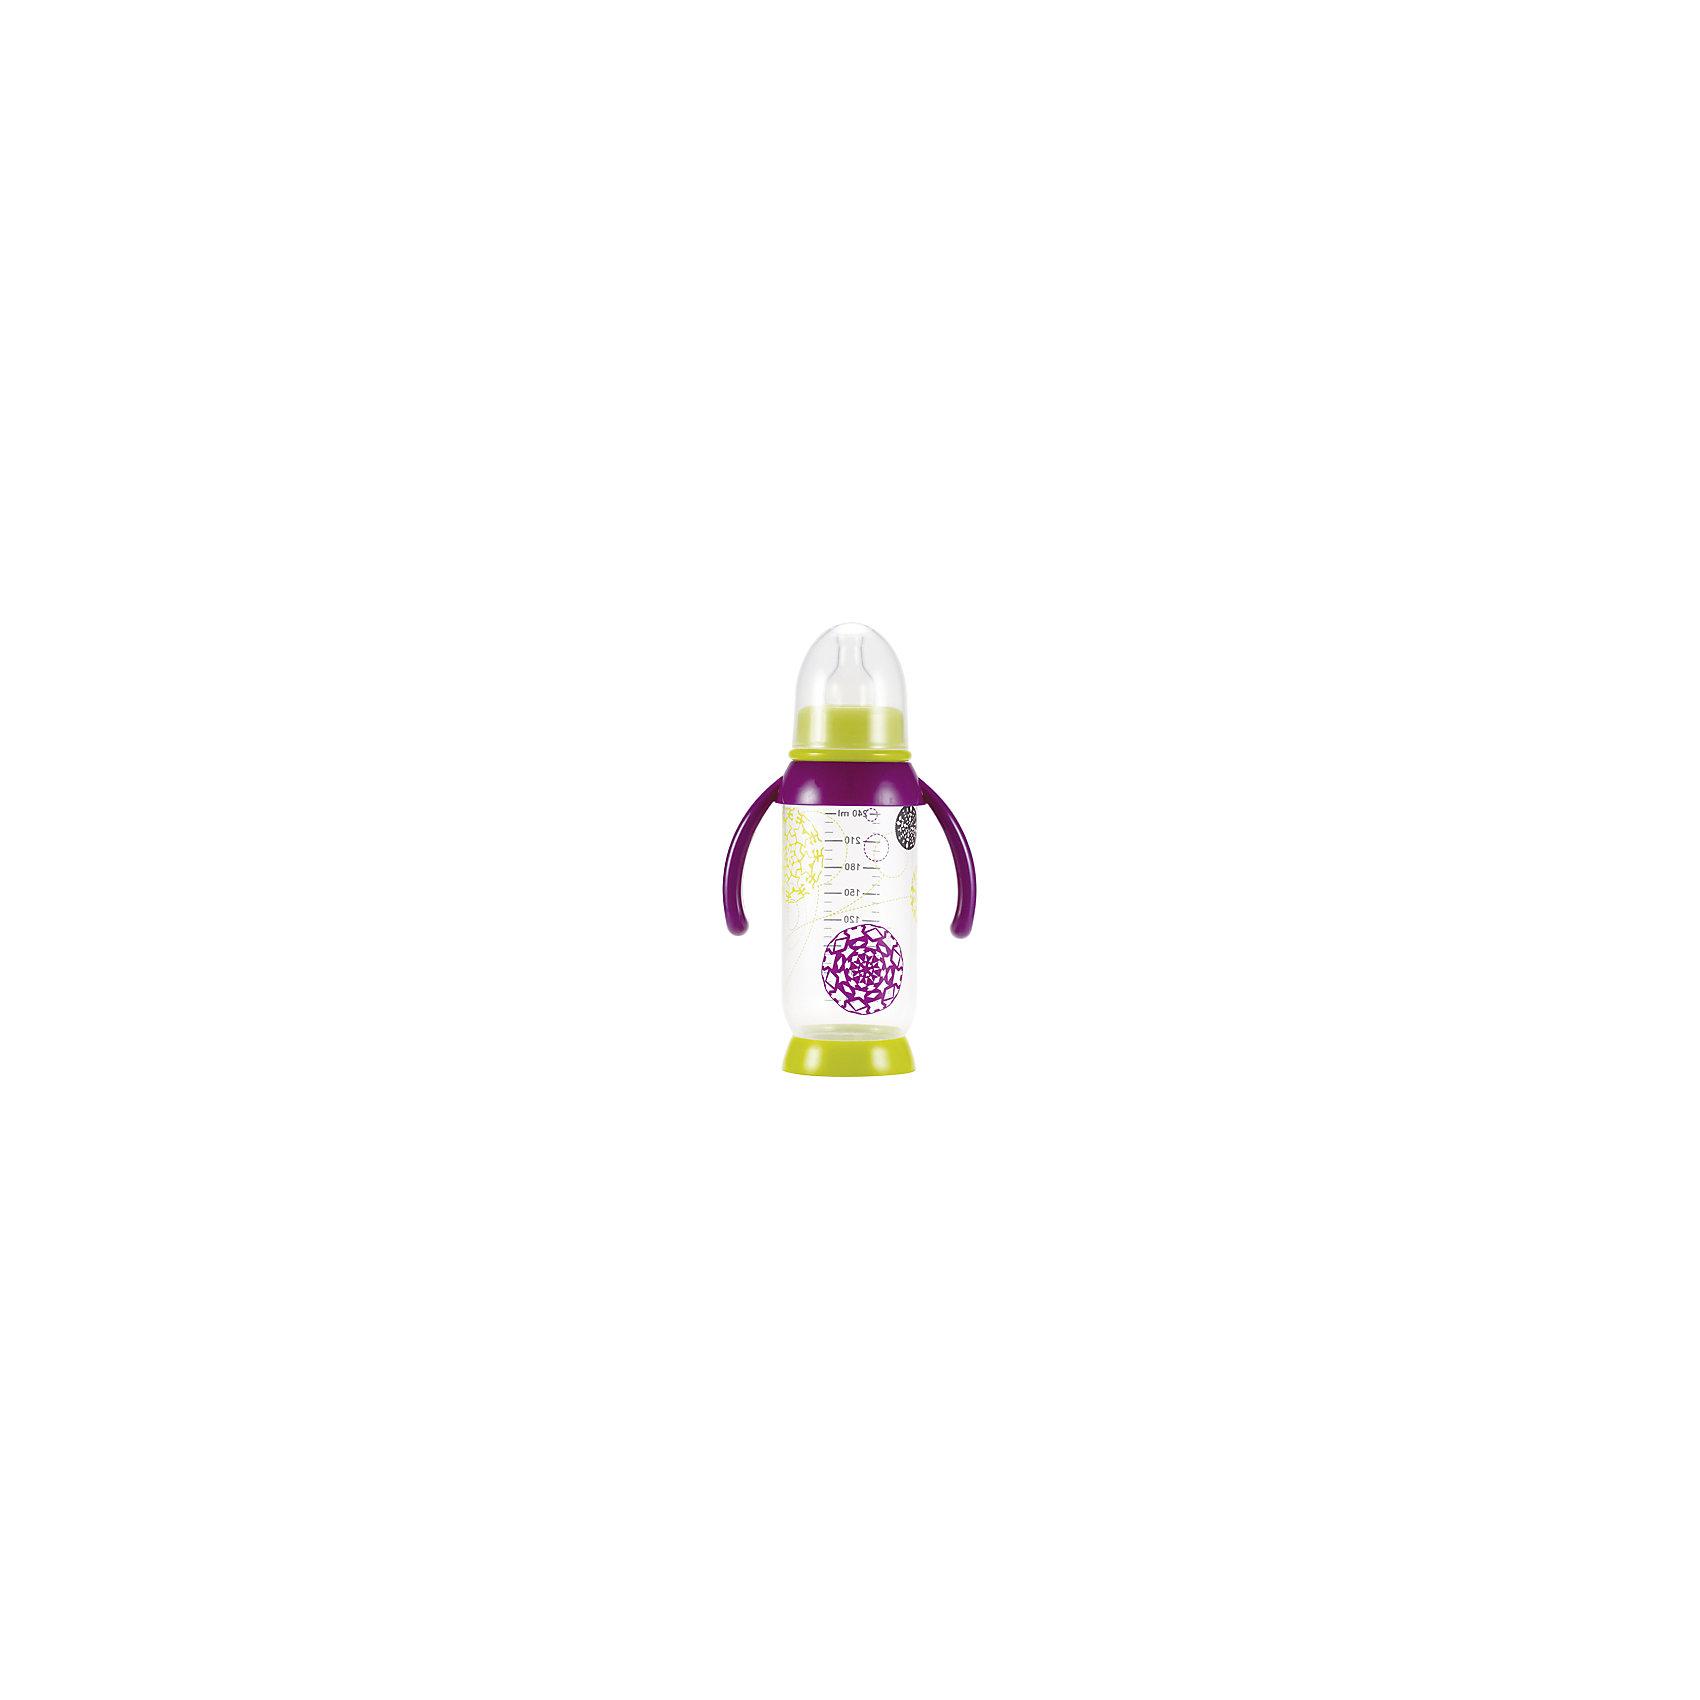 Бутылочка с ручками 240мл B.BOTTLE+HANDLES T, Beaba, в ассорт. (BEABA)